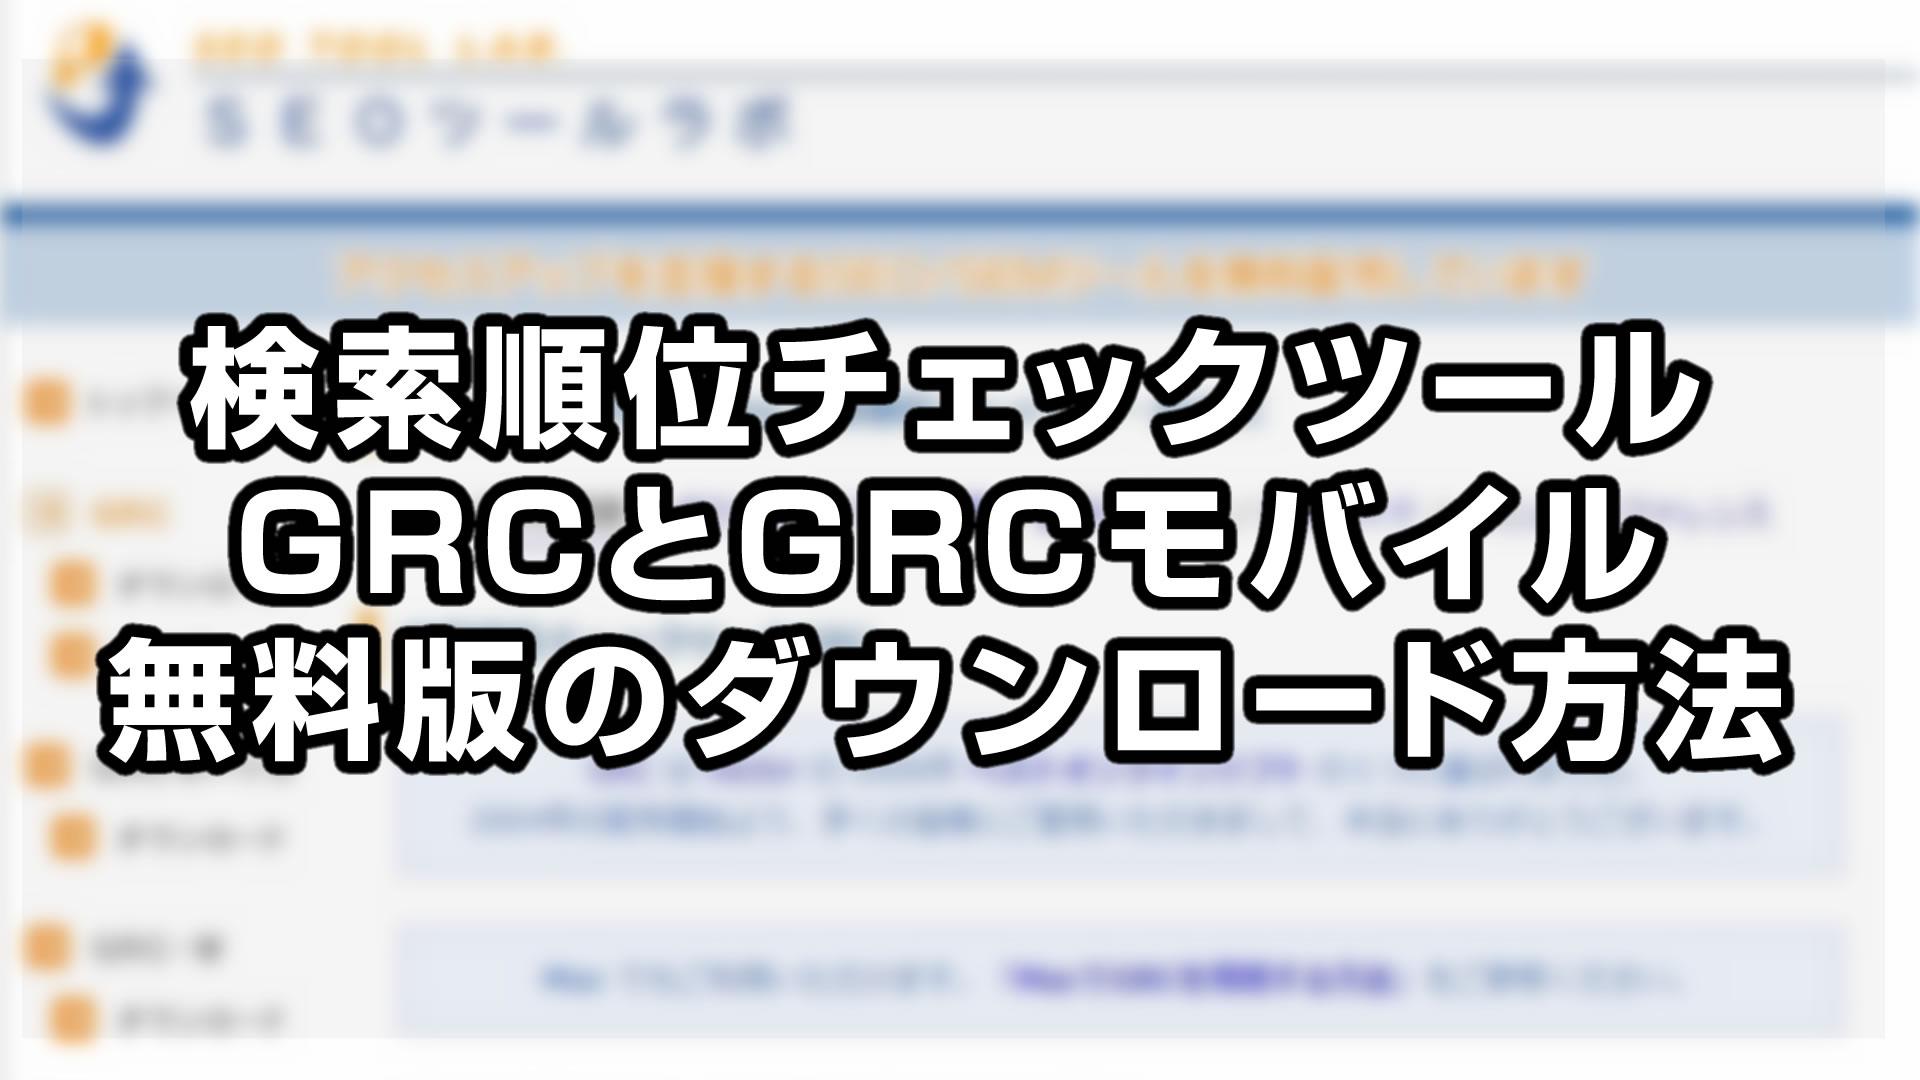 検索順位チェックツールGRCとGRCモバイルの無料版をダウンロード!